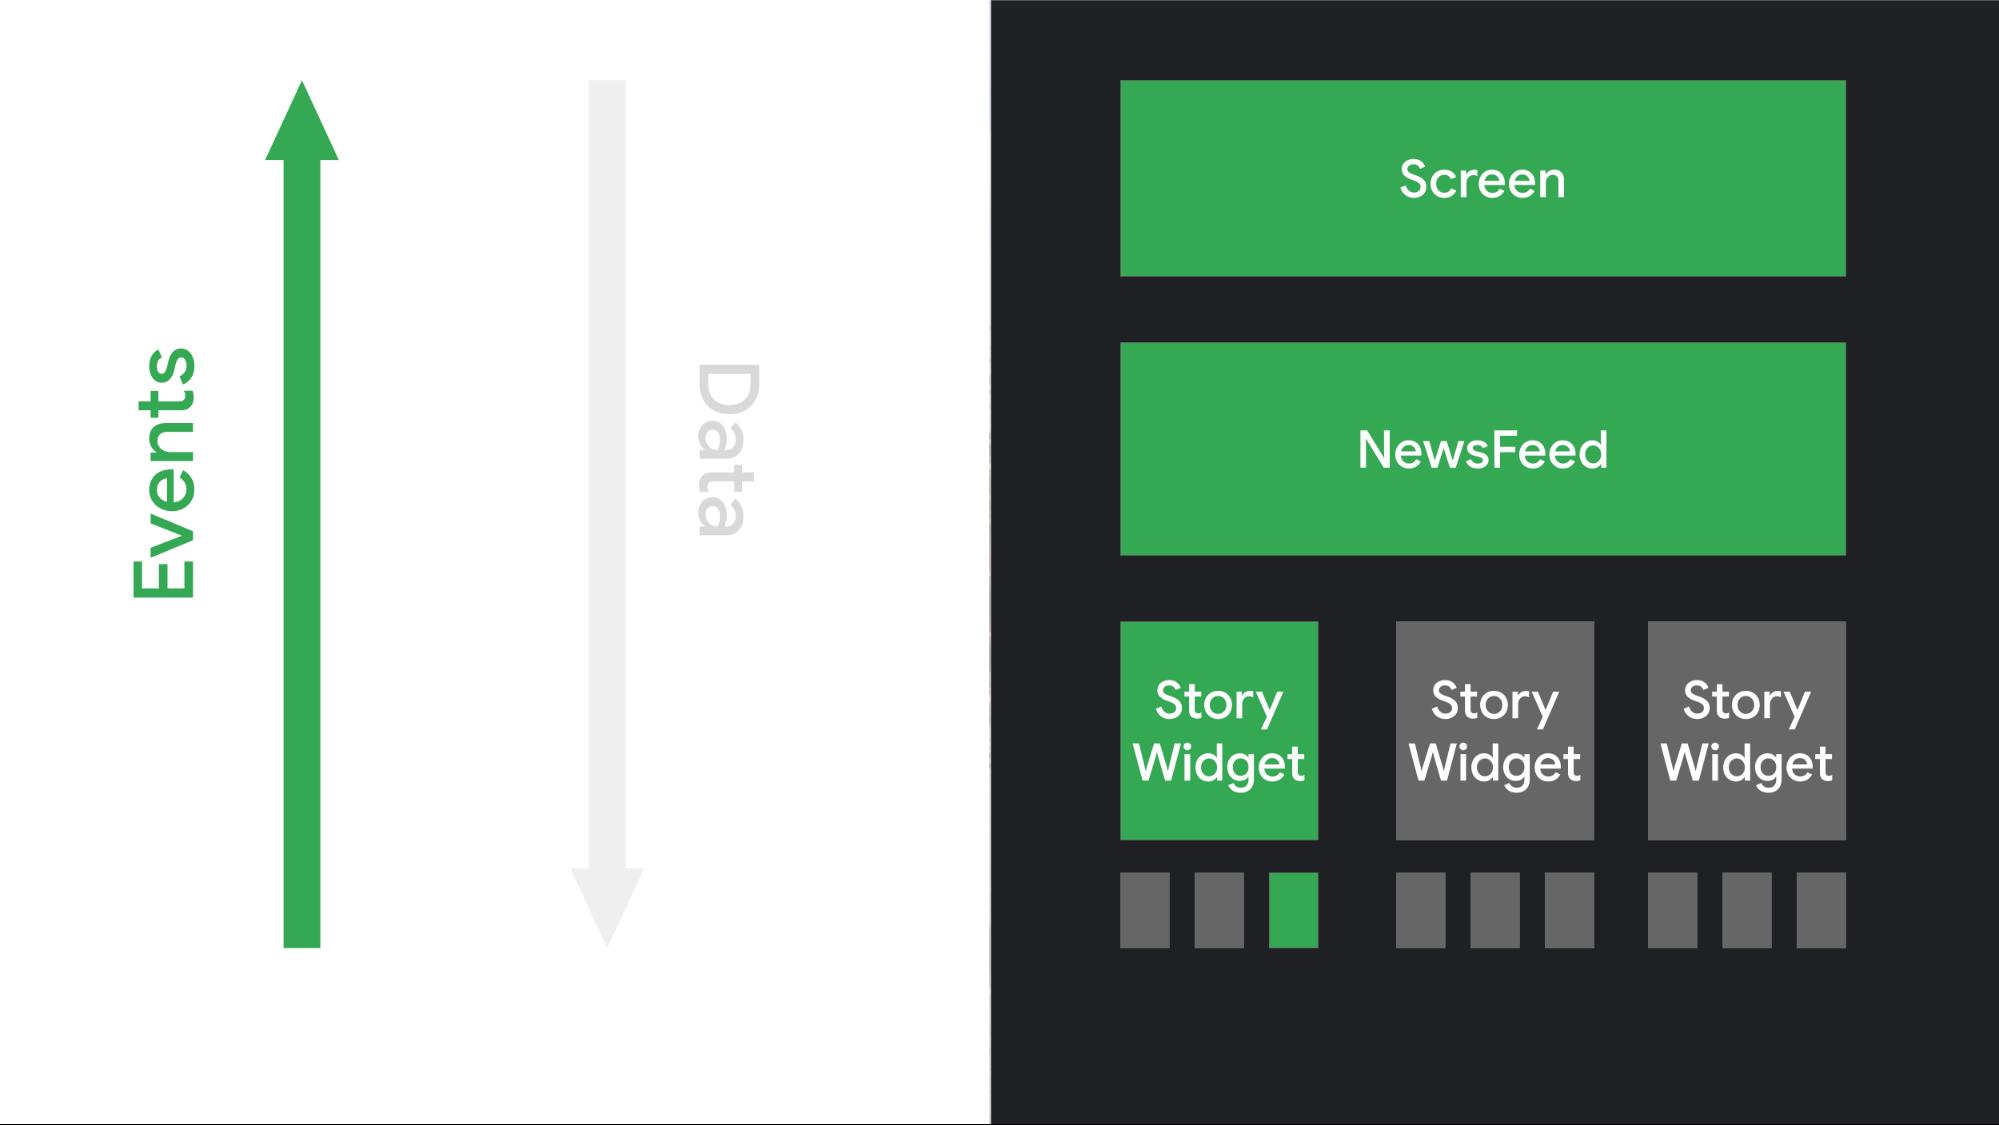 Ilustração de como os elementos da IU respondem à interação, acionando eventos que são processados pela lógica do app.